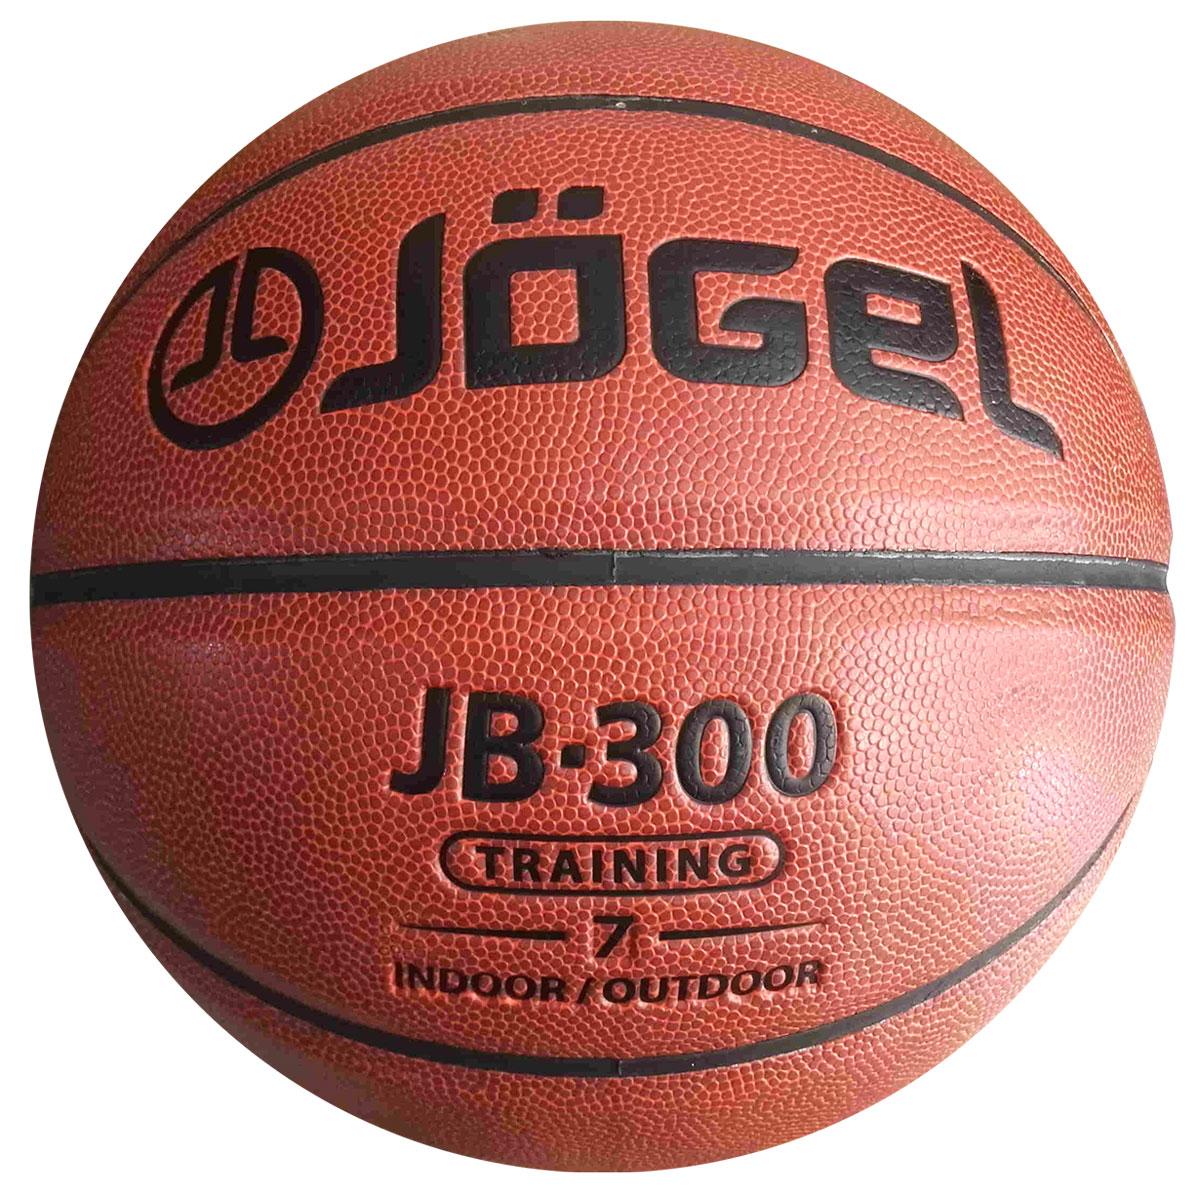 Мяч баскетбольный Jogel, цвет: коричневый. Размер 7. JB-300УТ-00009327Название: Мяч баскетбольный Jgel JB-300 №7 Уровень: Тренировочный мяч Серия: TRAINING Категория: INDOOR/OUTDOOR Описание: Jogel JB-300 №7 это прекрасный баскетбольный мяч из серии TRAINING. Доступная цена и специальный материал, позволяющий играть данным мячом практически на любой поверхности, выгодно отличают его от аналогичных мячей других марок. Поверхность мяча выполнена из композитного материала, благодаря чему данным мячом можно играть как на улице, так и в зале. Благодаря технологии DeepChannel (глубокие каналы), используемой при производстве мячей Jogel, достигается лучший контроля мяча во время броска и дриблинга. Размер №7 предназначается для мужчин и юношей от 17 лет, официальный размер для соревнований мужских команд. Данный мяч рекомендован для любительской игры, тренировок и соревнований любительских команд и команд среднего уровня. Данный мяч прекрасно подходит для поставок на гос. тендеры, образовательные учреждения и спортивные секции. Официальный размер и вес FIBA. ...